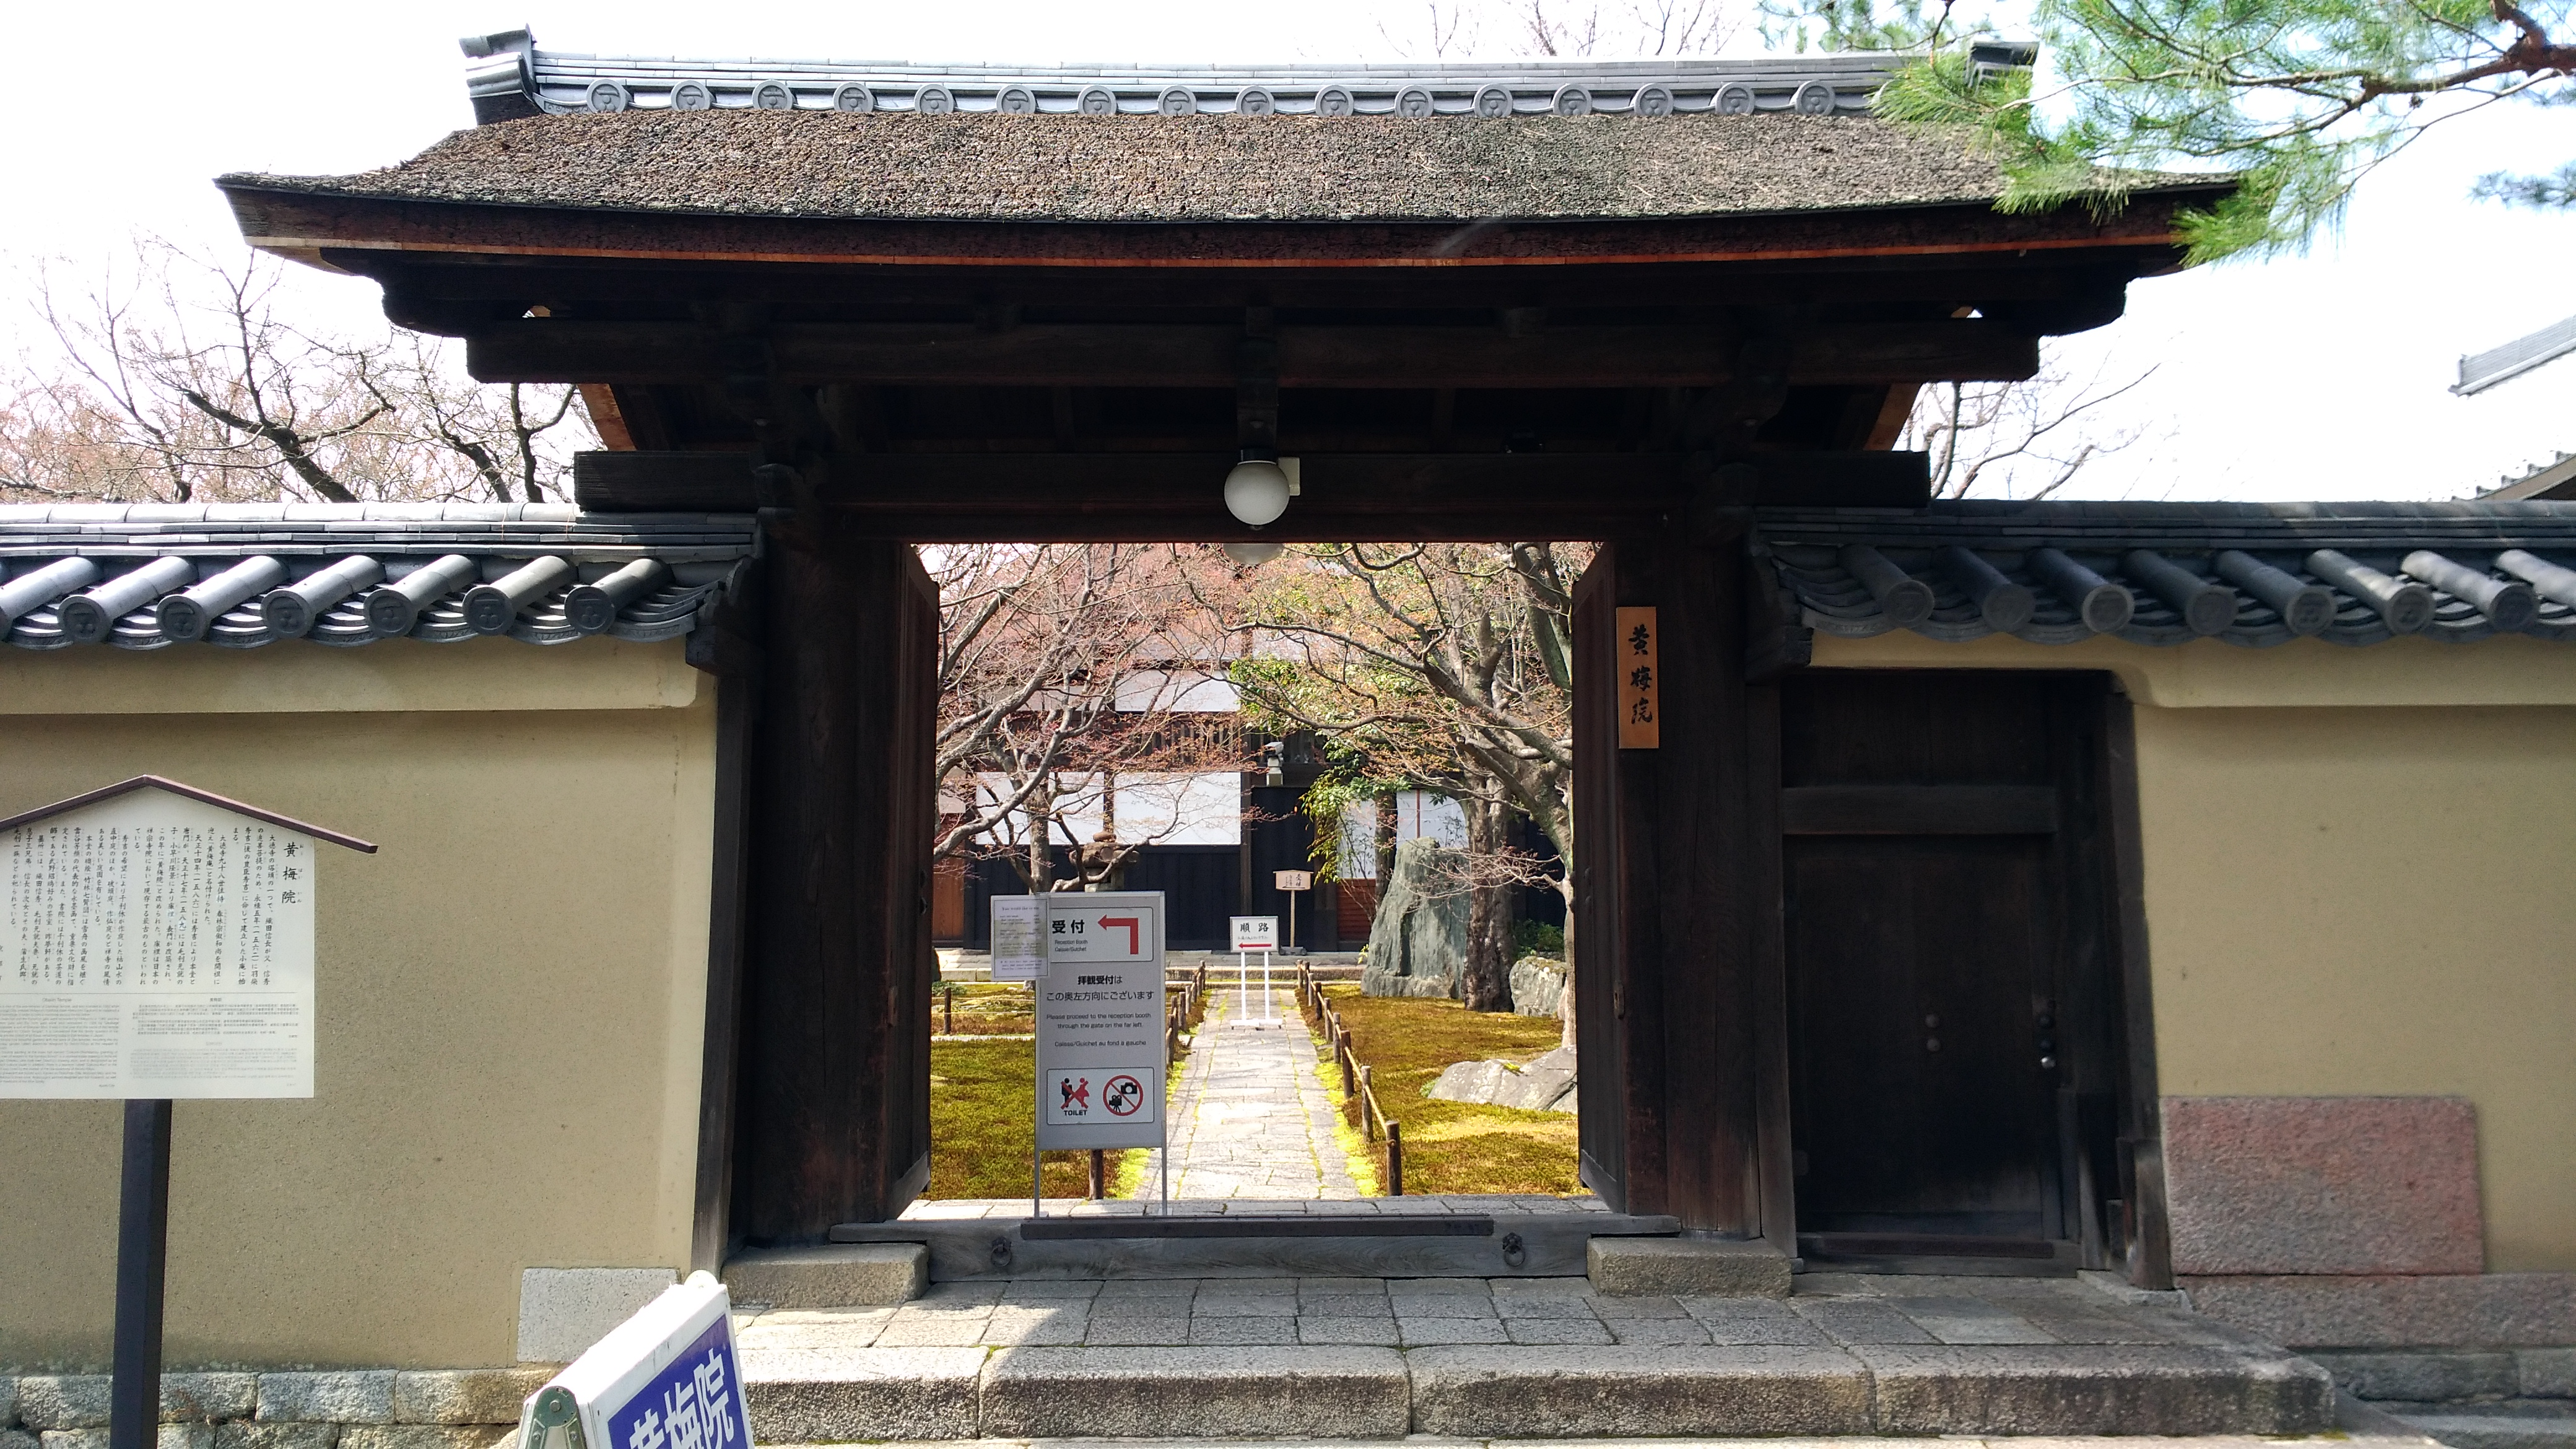 あの「一休和尚」が復興された臨済宗の大本山【大徳寺】での特別拝観はいかがでしょうか!